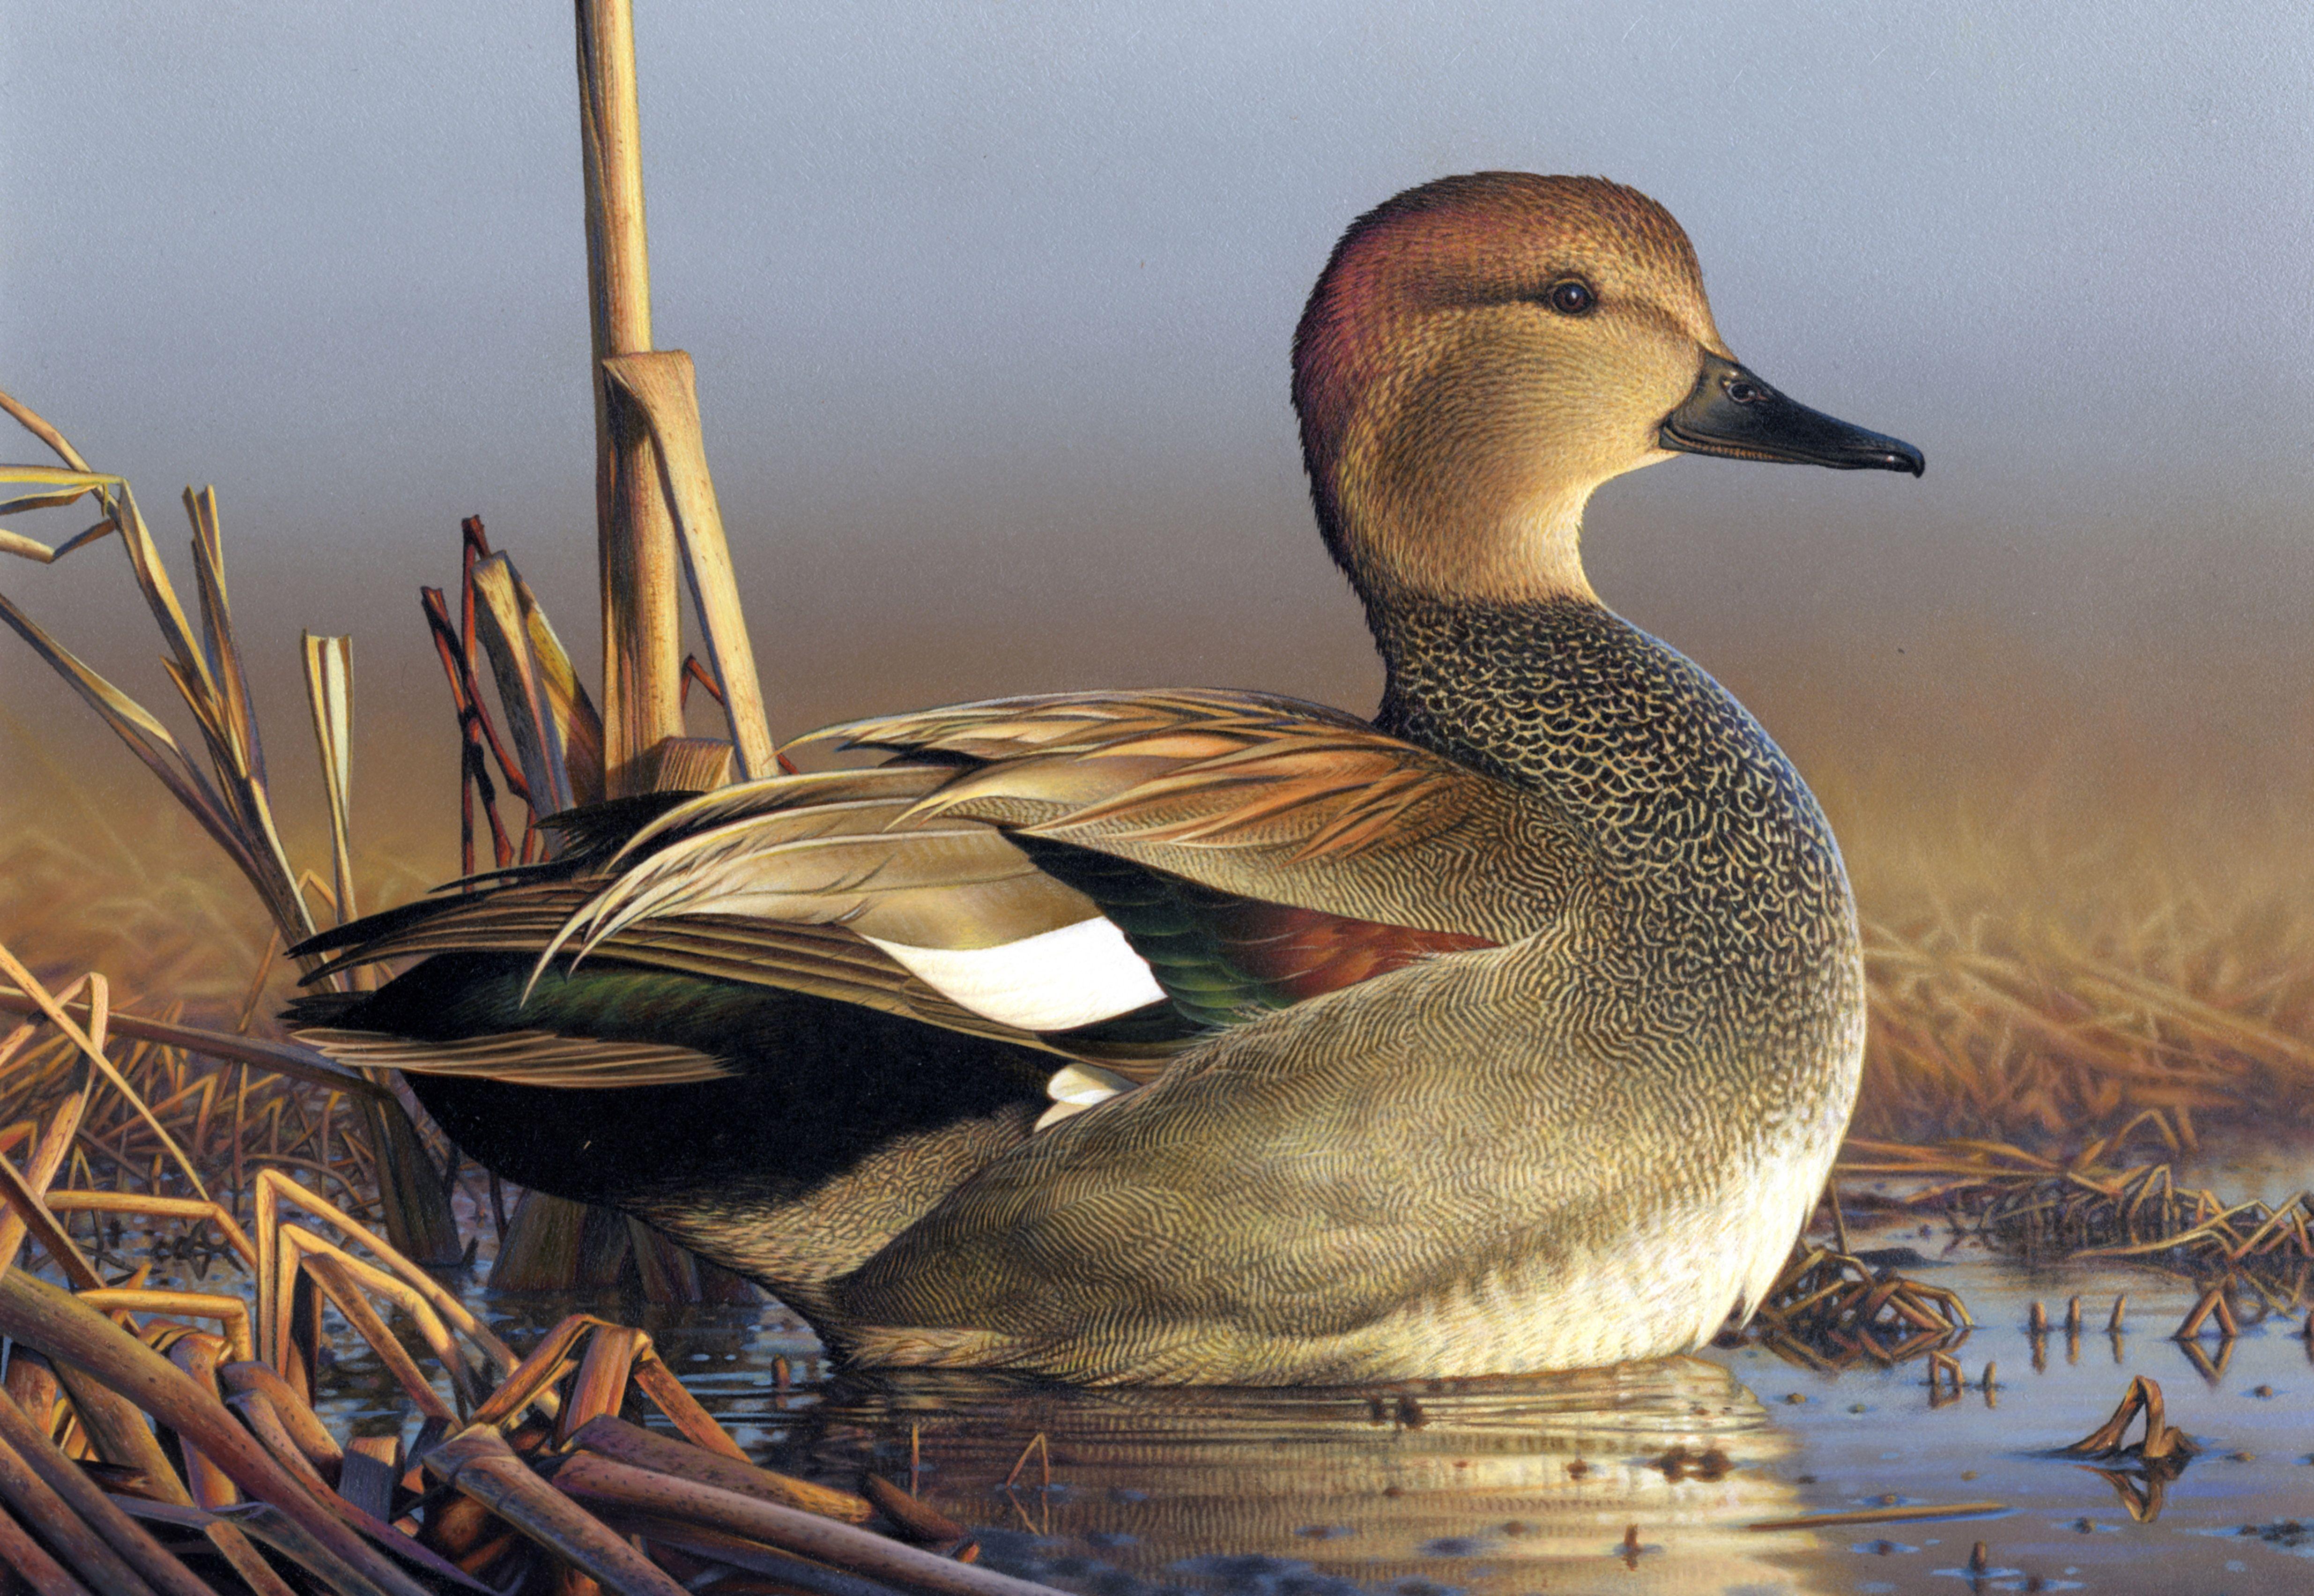 Duck 4940x3407 Pato ave, Fotos de patos, Pato silvestre